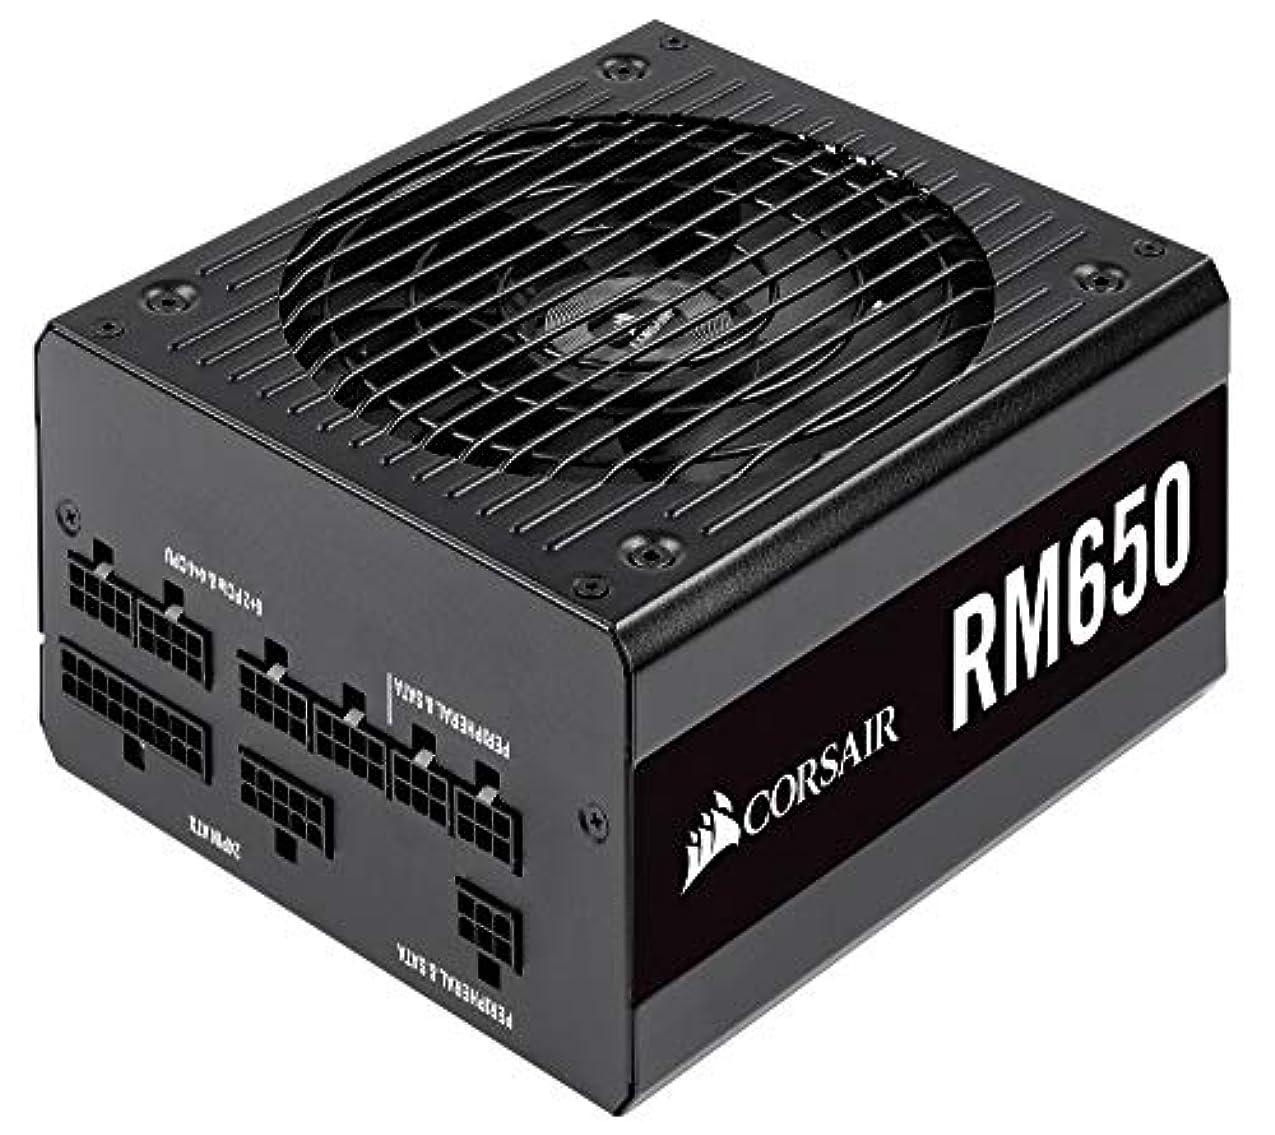 ヤング移民バーベキューCorsair RM650-2019- 650W PC電源ユニット 80PLUS GOLD PS861 CP-9020194-JP